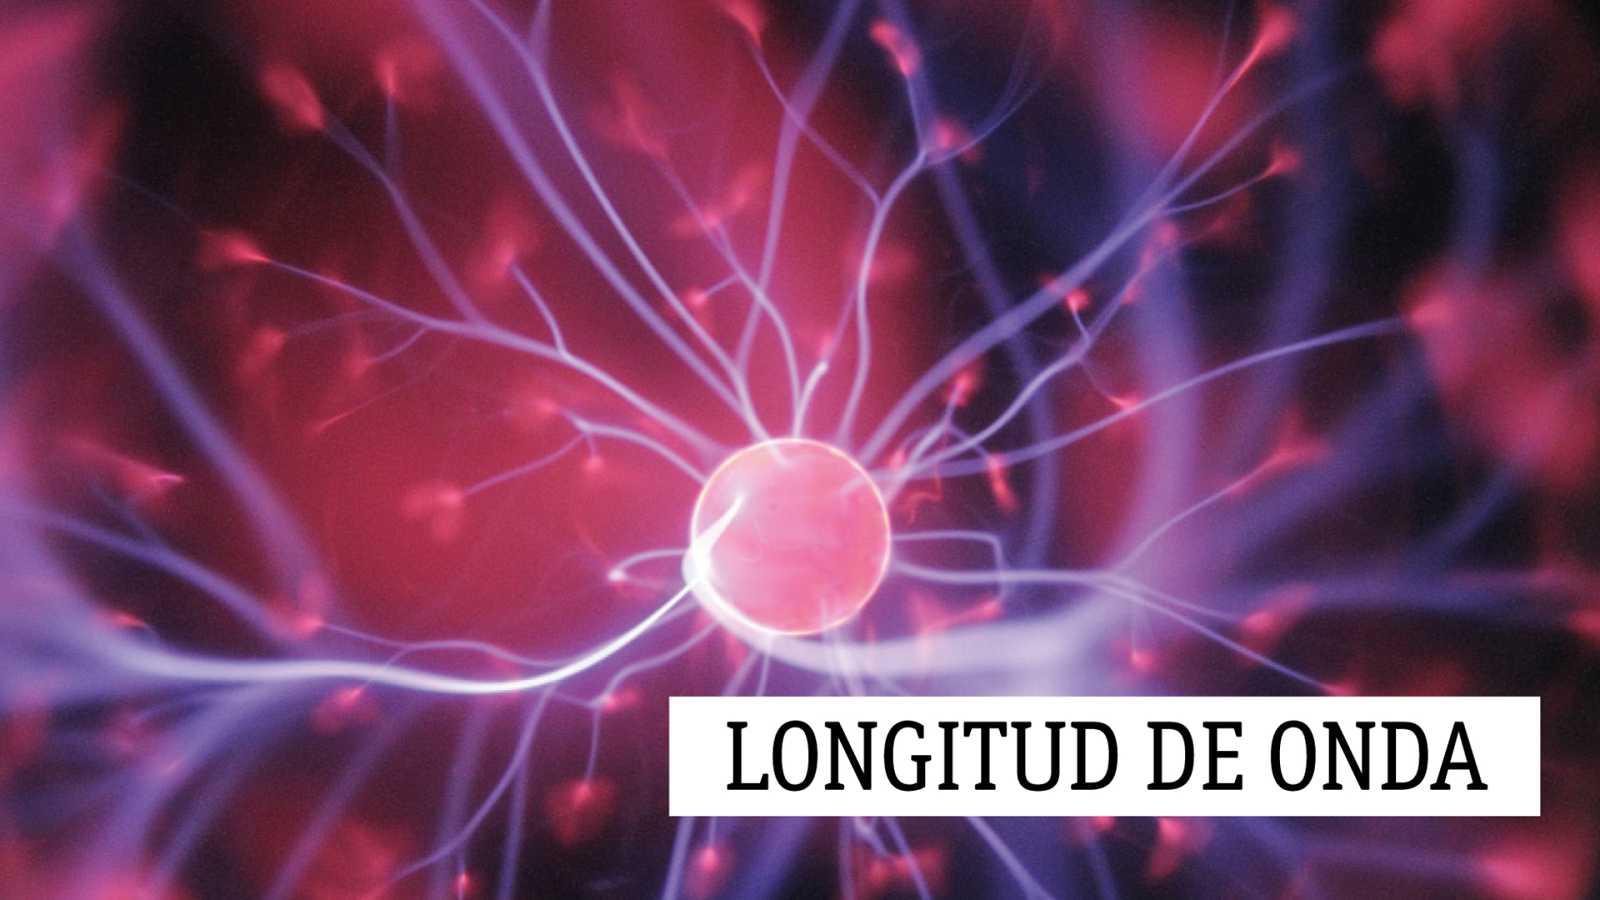 Longitud de onda - Salud y vejez de un músico - 13/05/20 - escuchar ahora